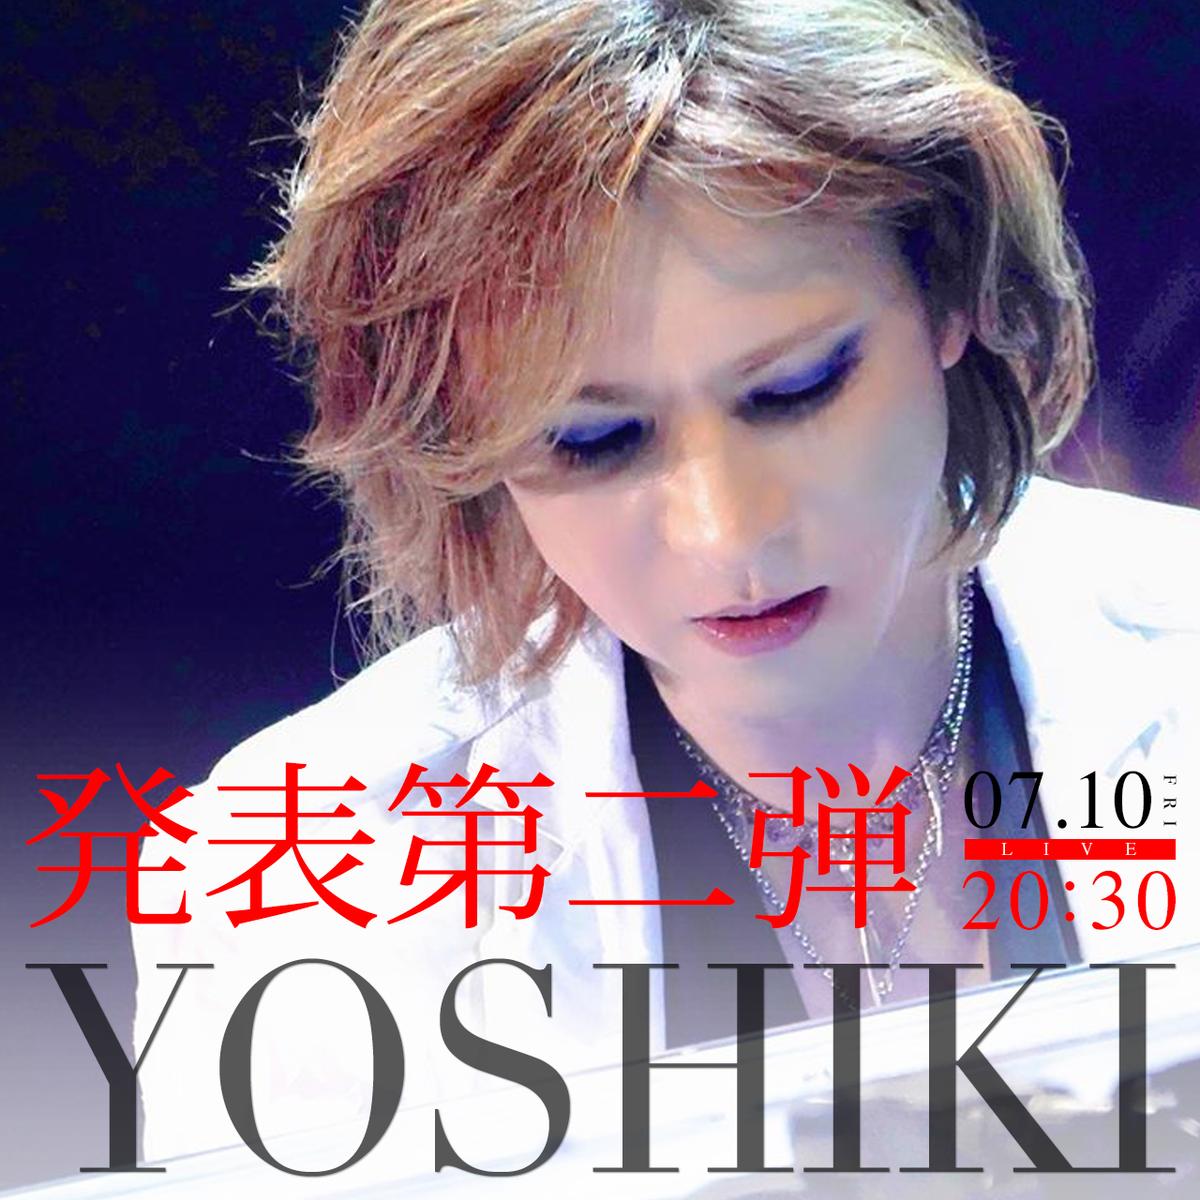 【今夜20時30分~生放送】#YOSHIKI #LA からセルフ配信 PART7「発表第二弾」Japan → International→ @YoshikiOfficial